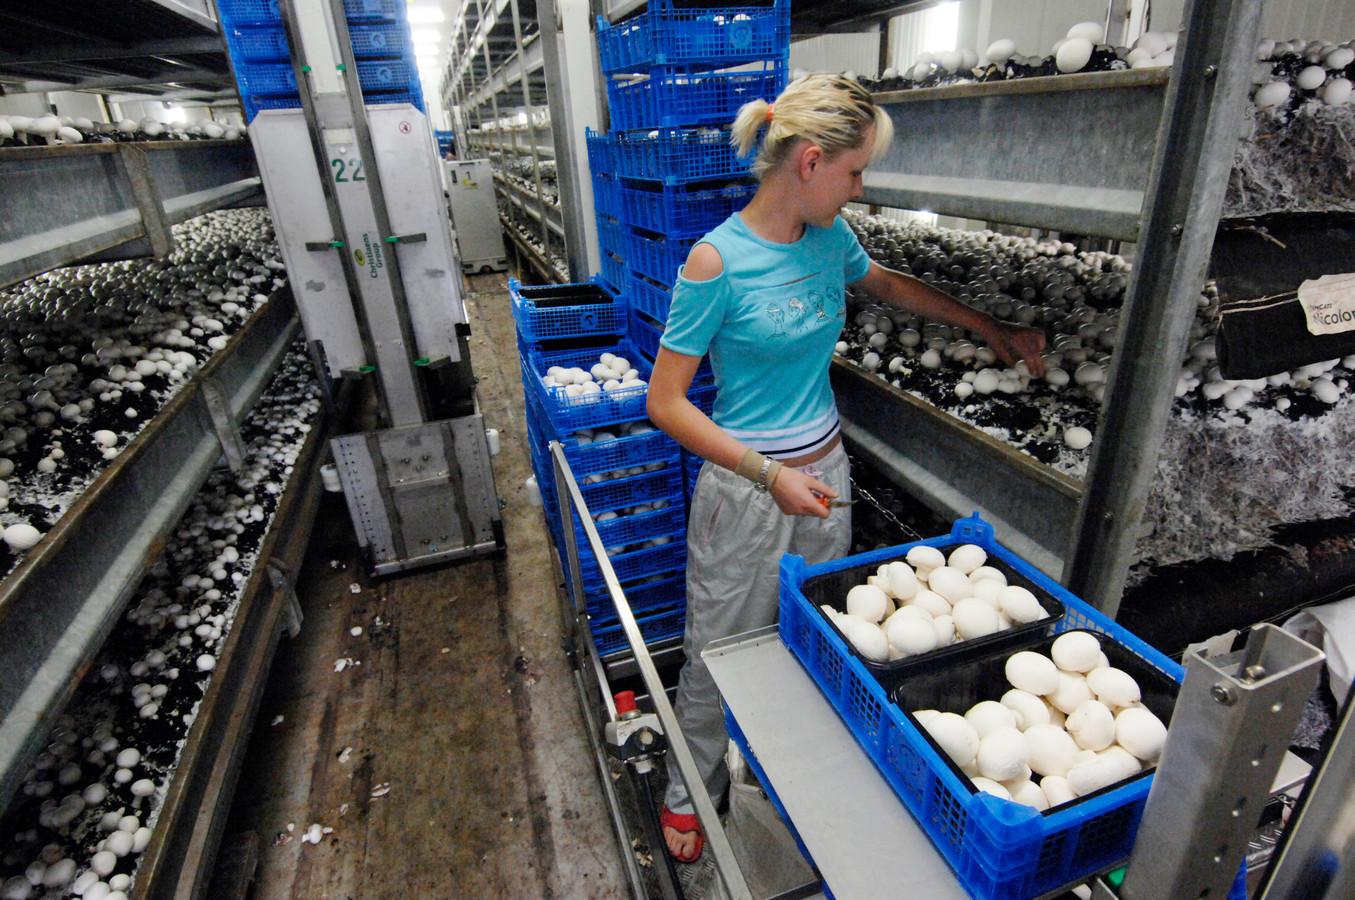 Niet alleen in de Zaltbommelse kassen maar ook in de Maasdrielse champignonbedrijven werken veel mensen uit Oost-Europese landen.